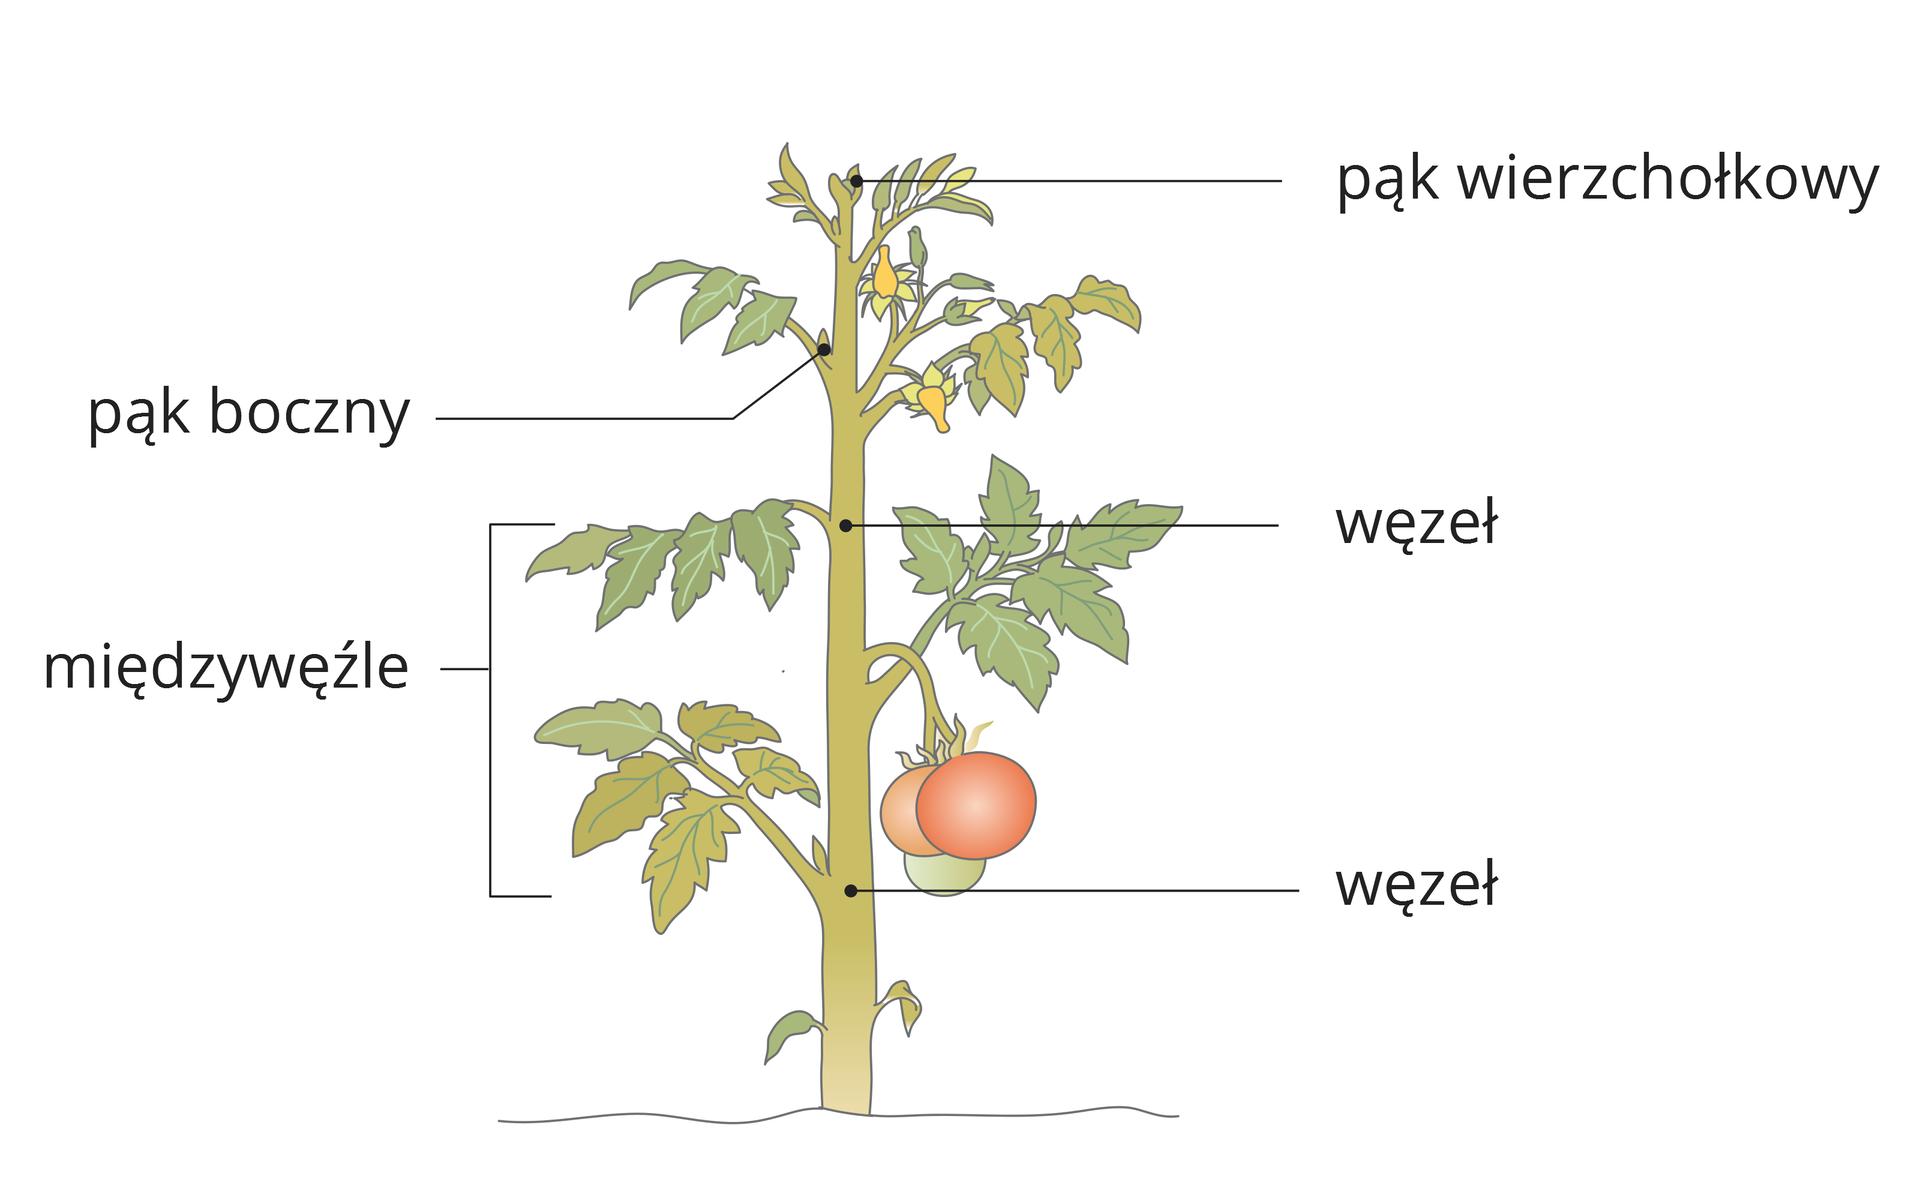 Ilustracja przedstawia pęd pomidora zliśćmi, żółtymi kwiatami iczerwonym owocem. Na łodydze zaznaczono jej części.